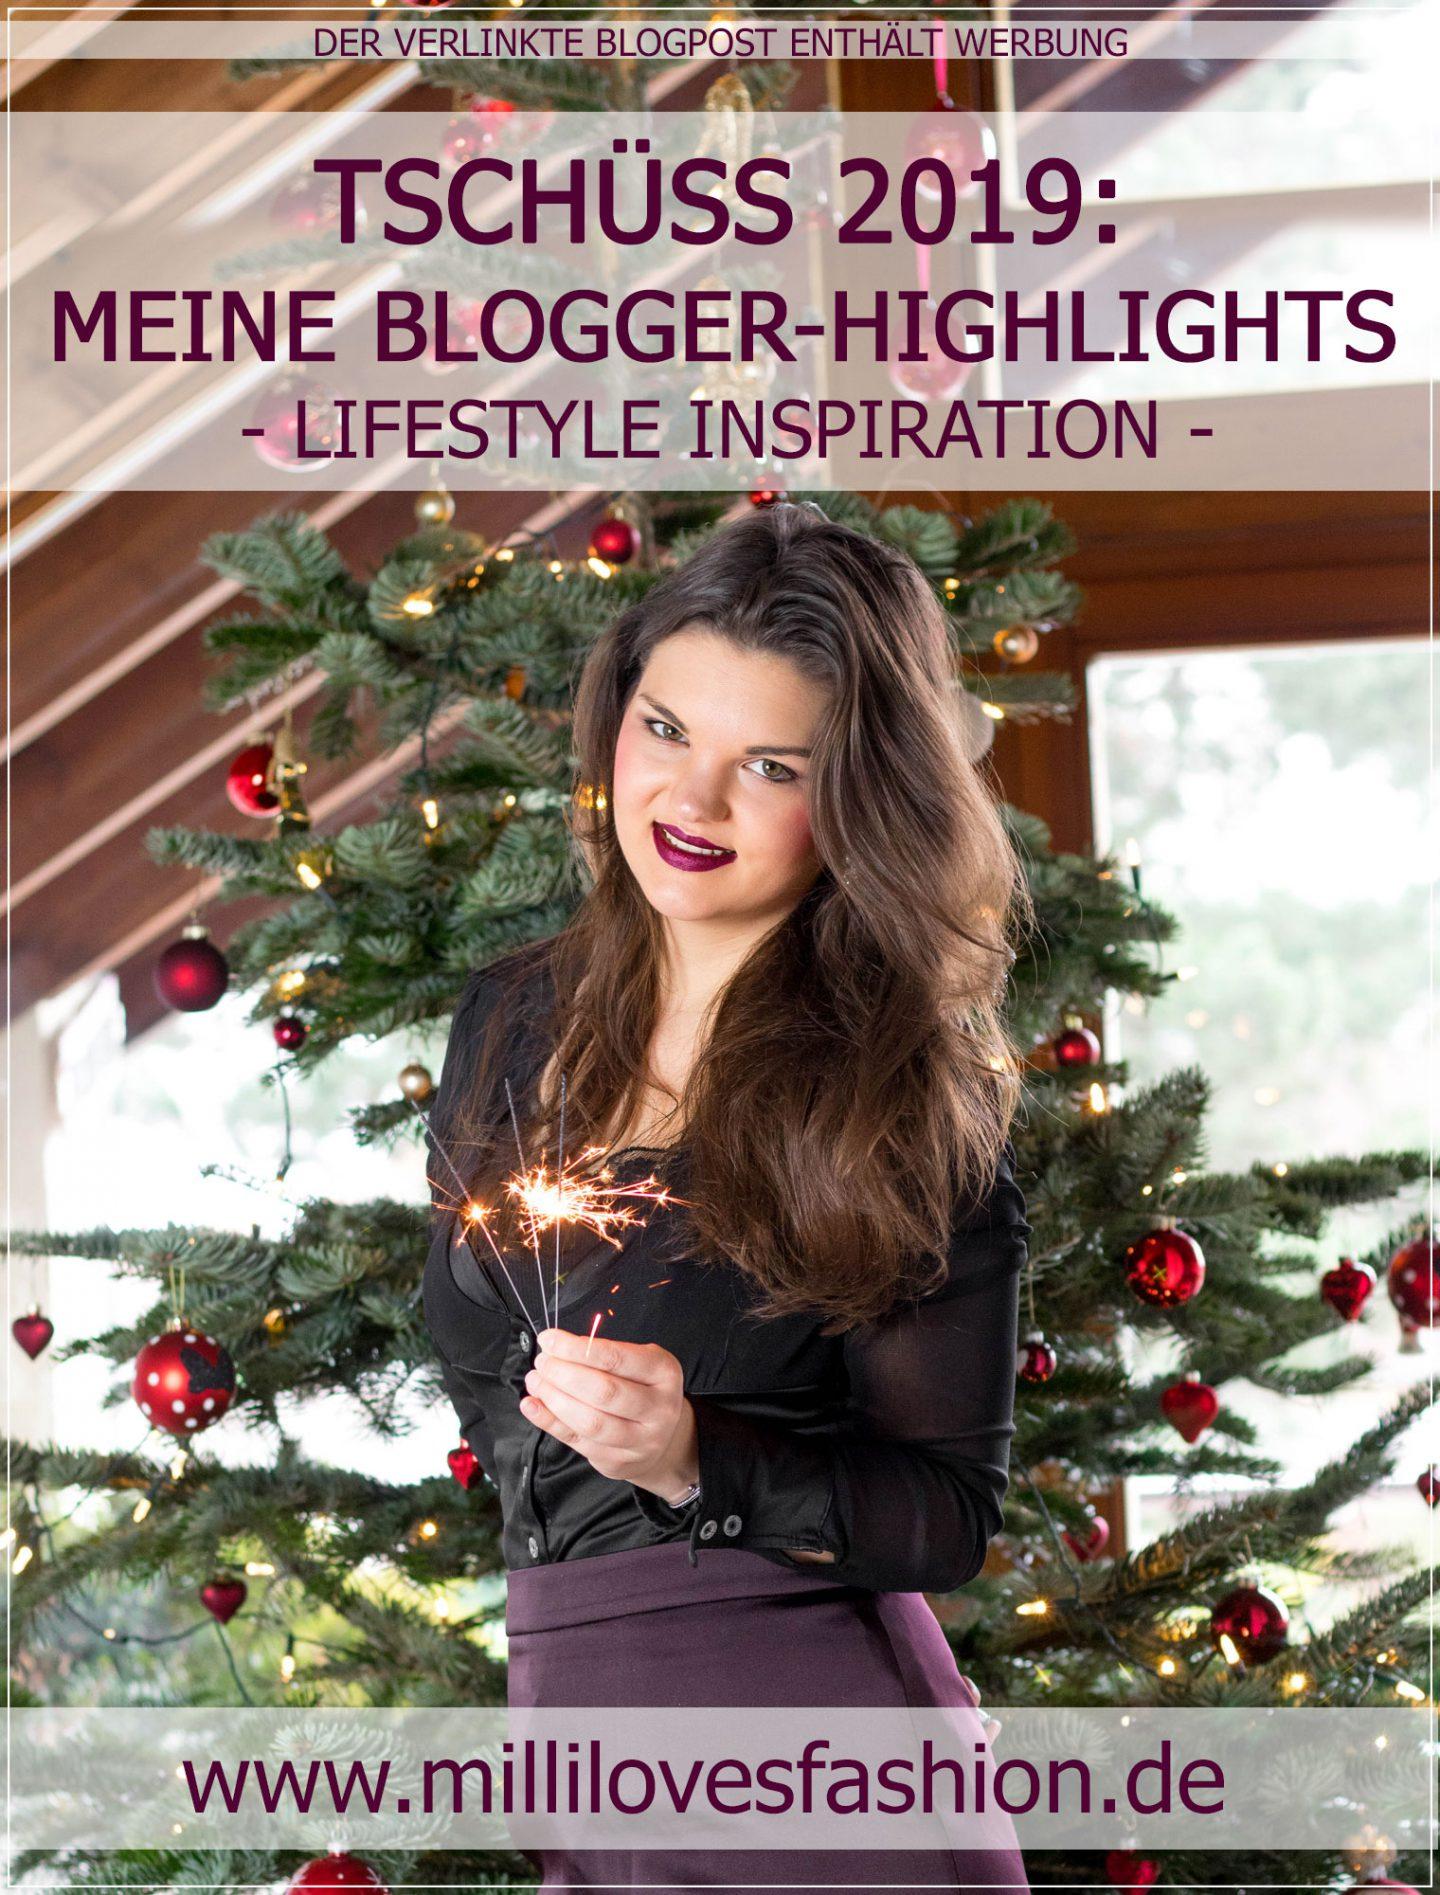 Jahresrückblick, Disney, Heiratsantrag, Bride to be, Disney Blogger, Mein Jahr 2018, GOP Varieté Theater, GOP Essen, Gewinnspiel, Theater, Modetrends, Blogger, Fashionblogger, Ruhrgebiet